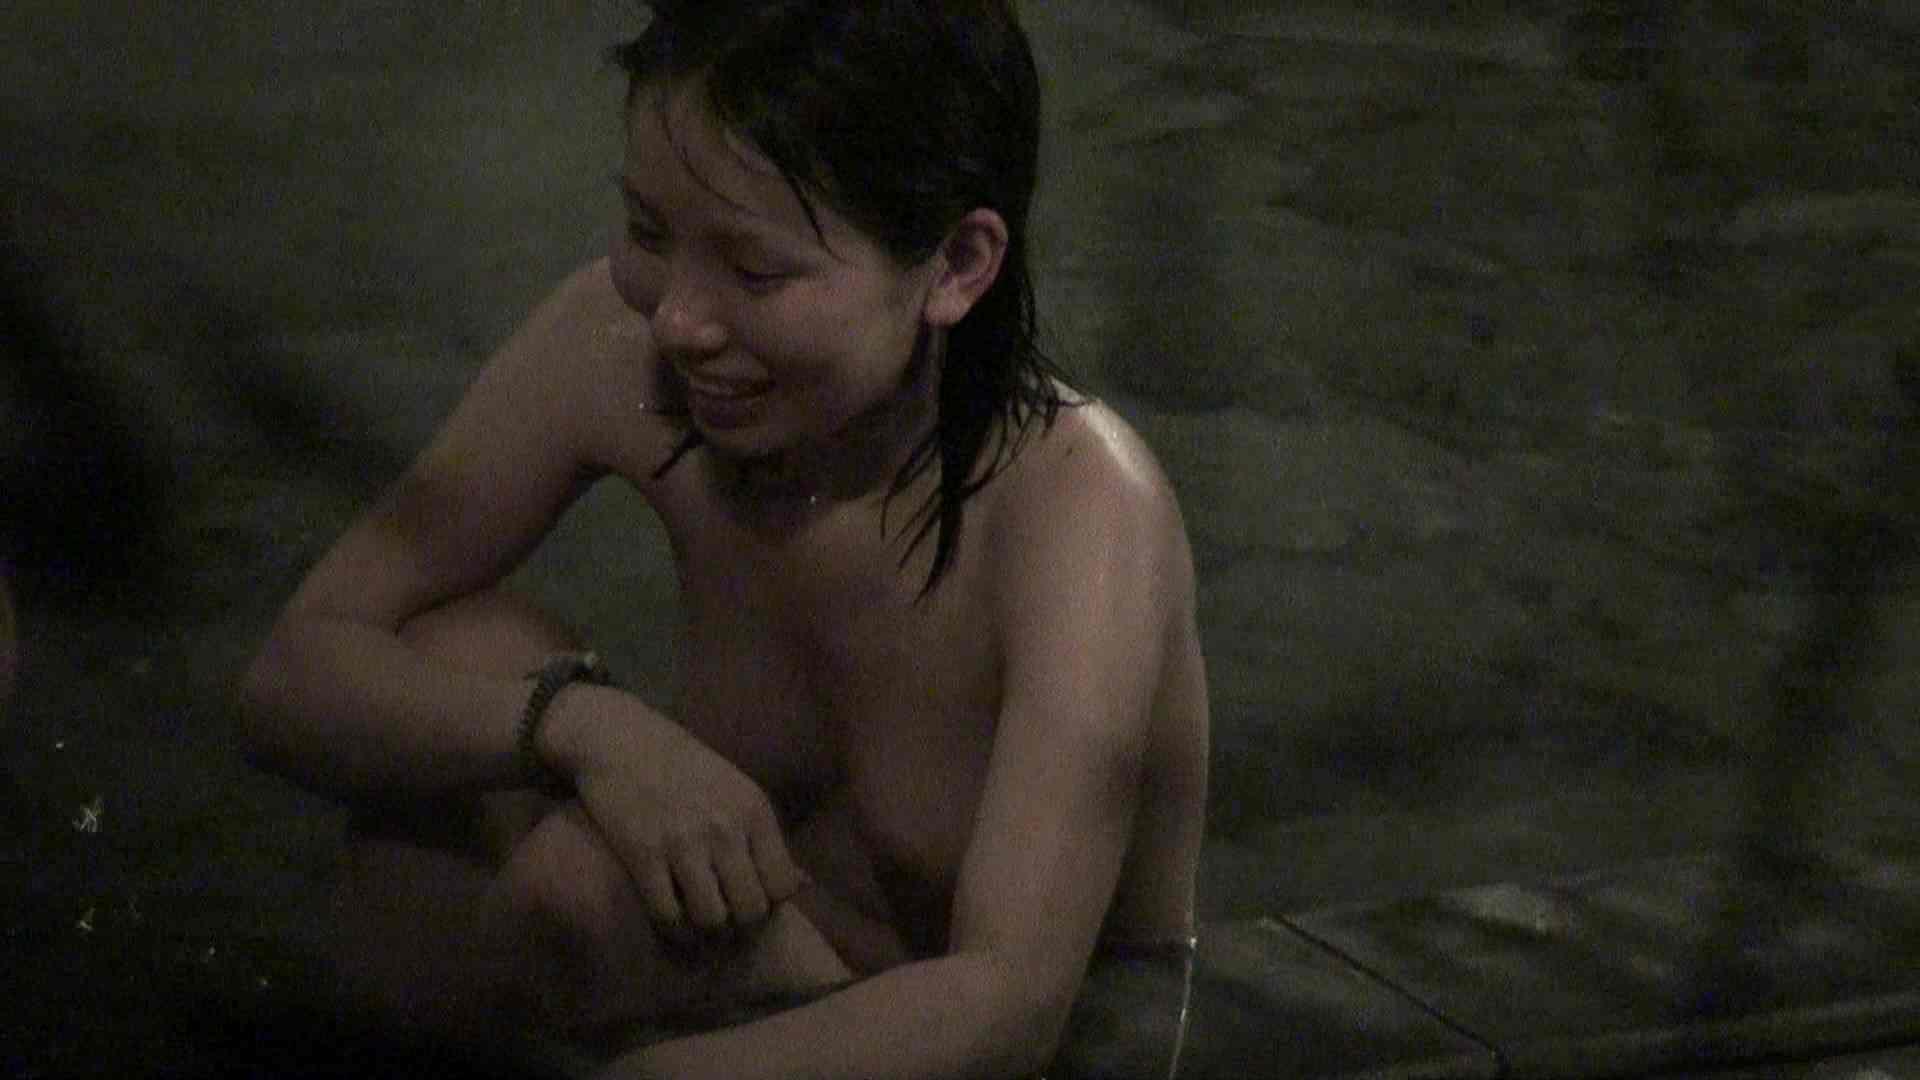 Aquaな露天風呂Vol.363 盗撮  90画像 57